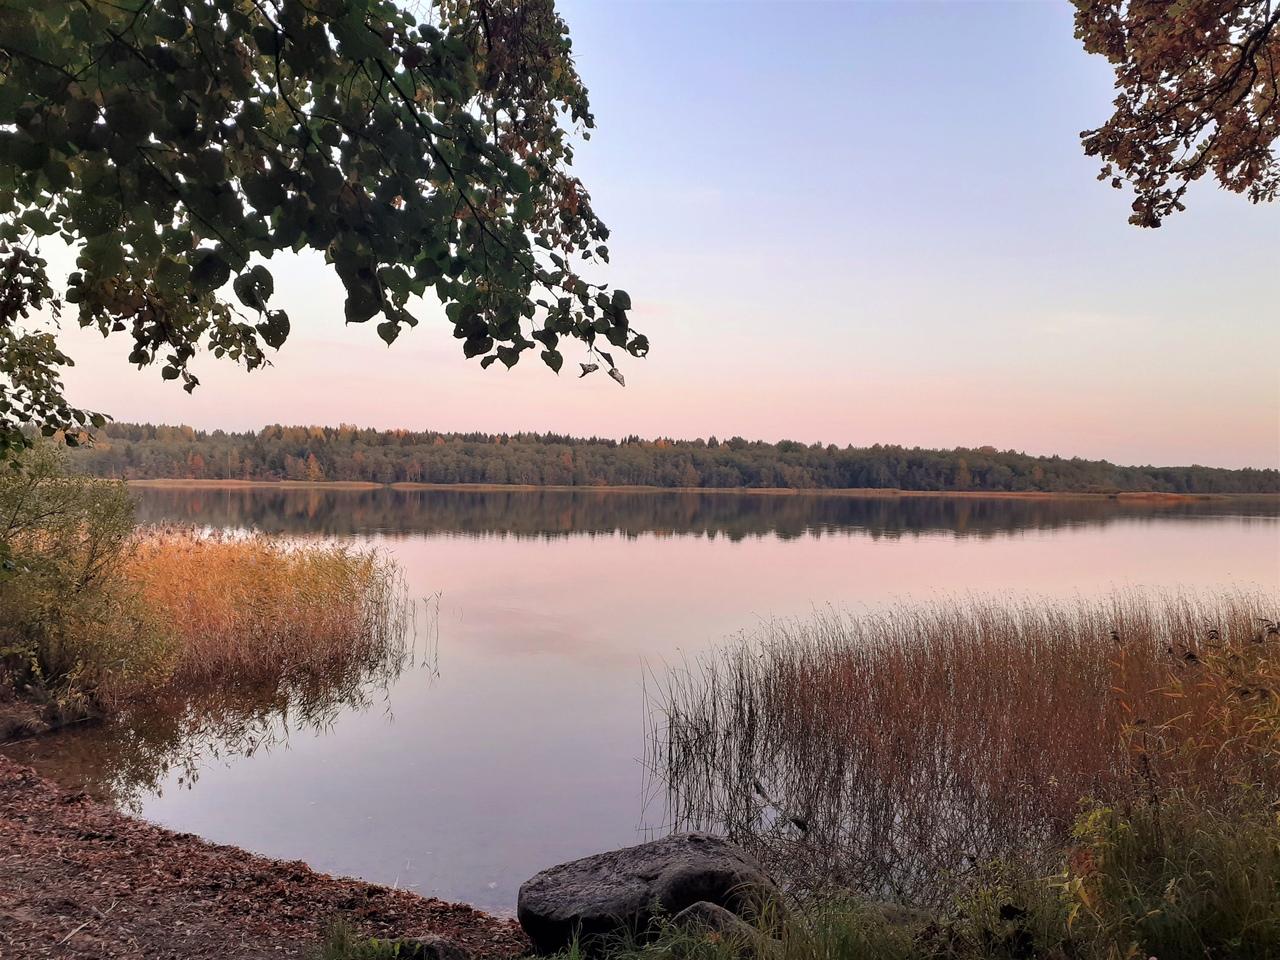 Осенний вечер в Орлино. Пруд в лесу, родники, живописное озеро Орлинское. И электричка